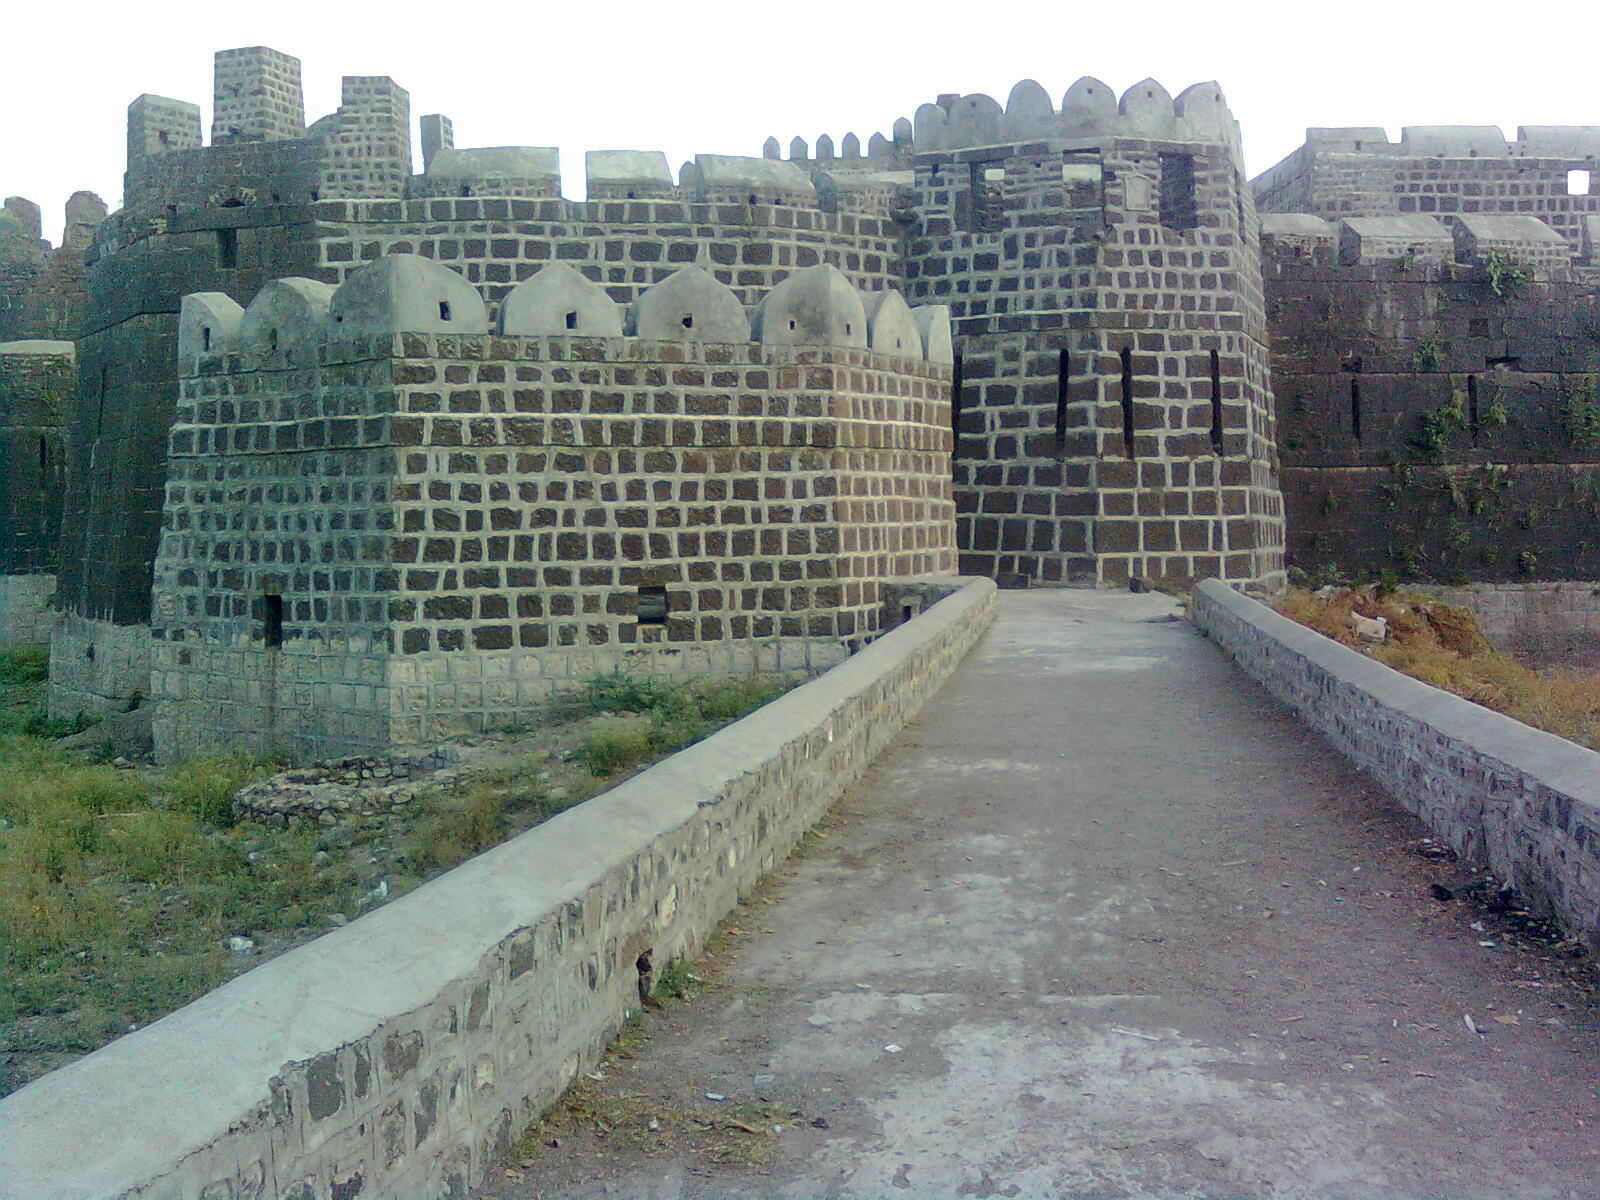 Kandhar Fort, Maharashtra